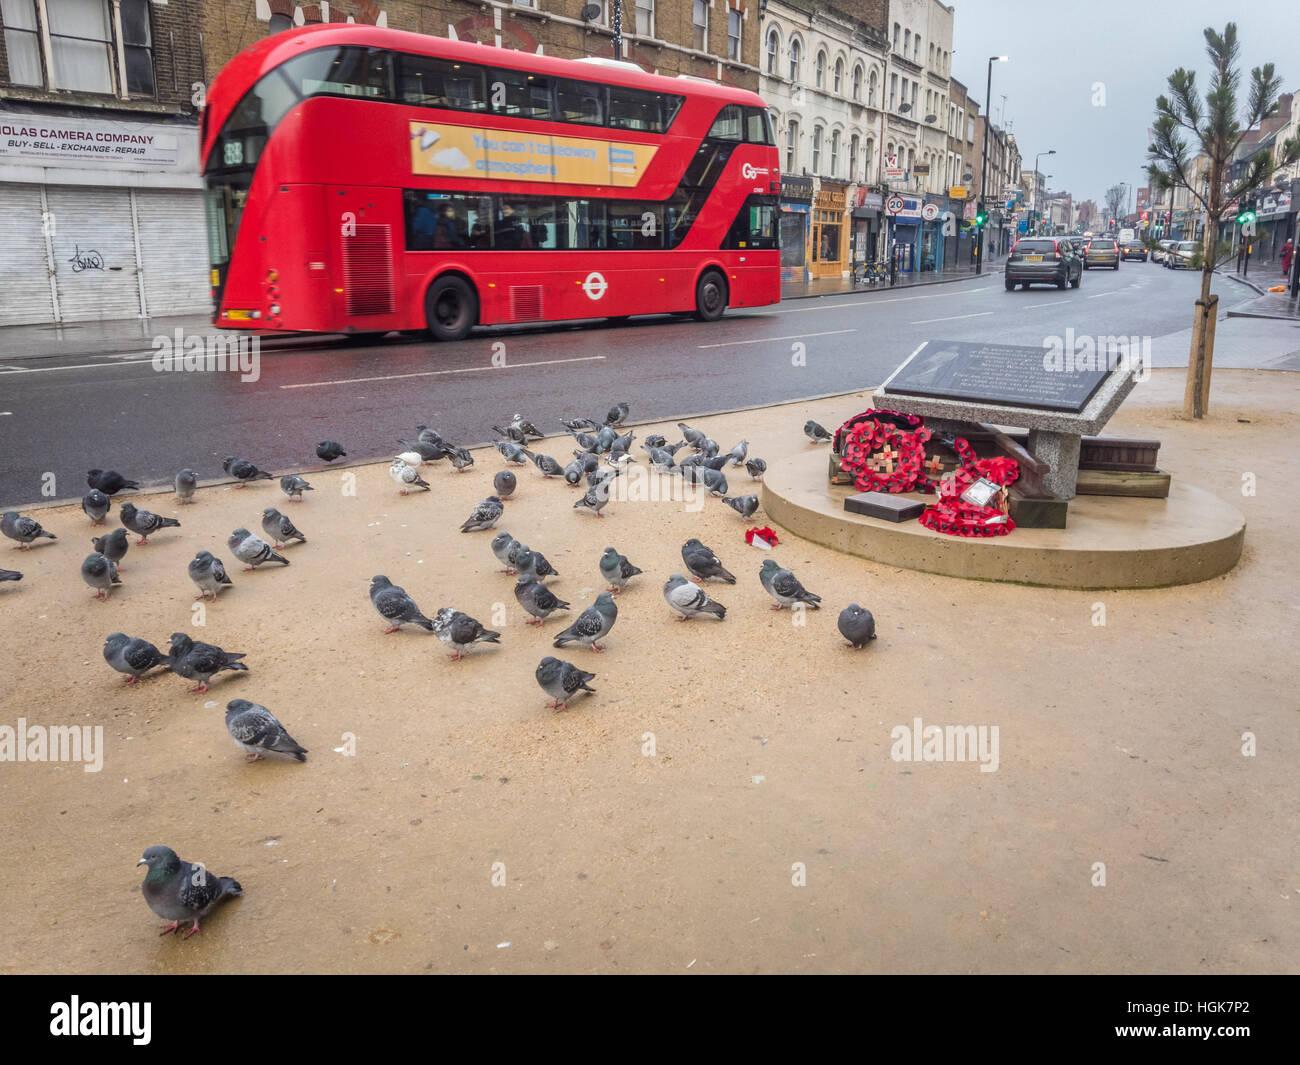 War Memorial, Mornington Crescent, London - Stock Image